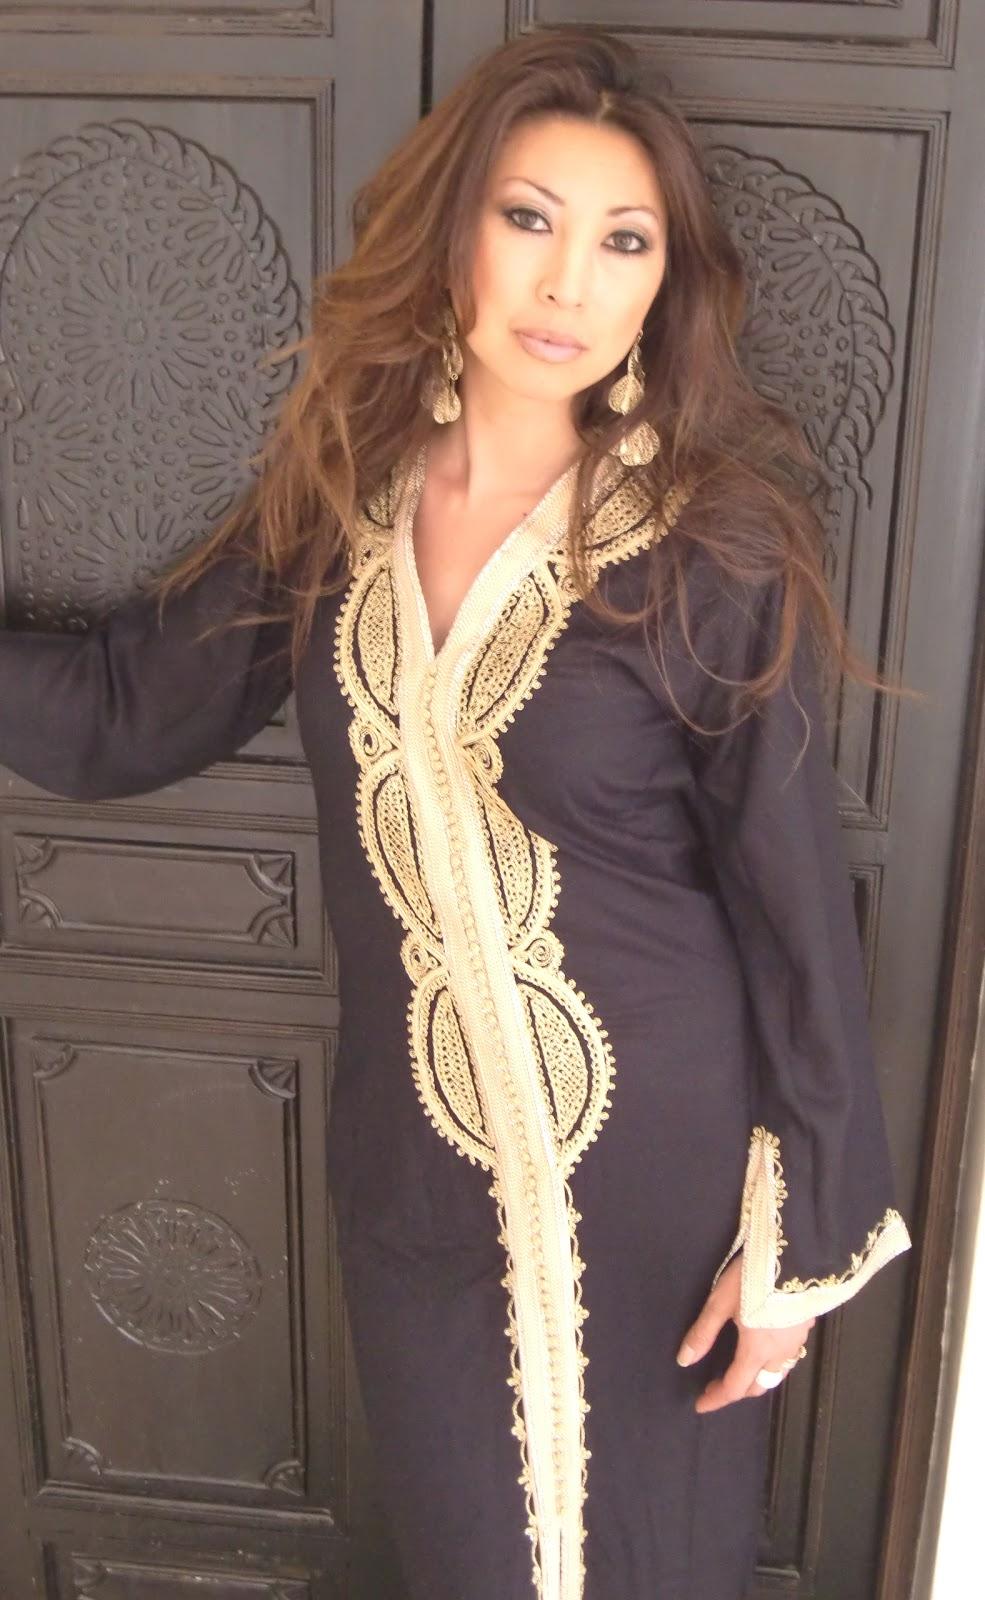 Maison marrakech caftans maison de marrakech - Robe de maison simple ...